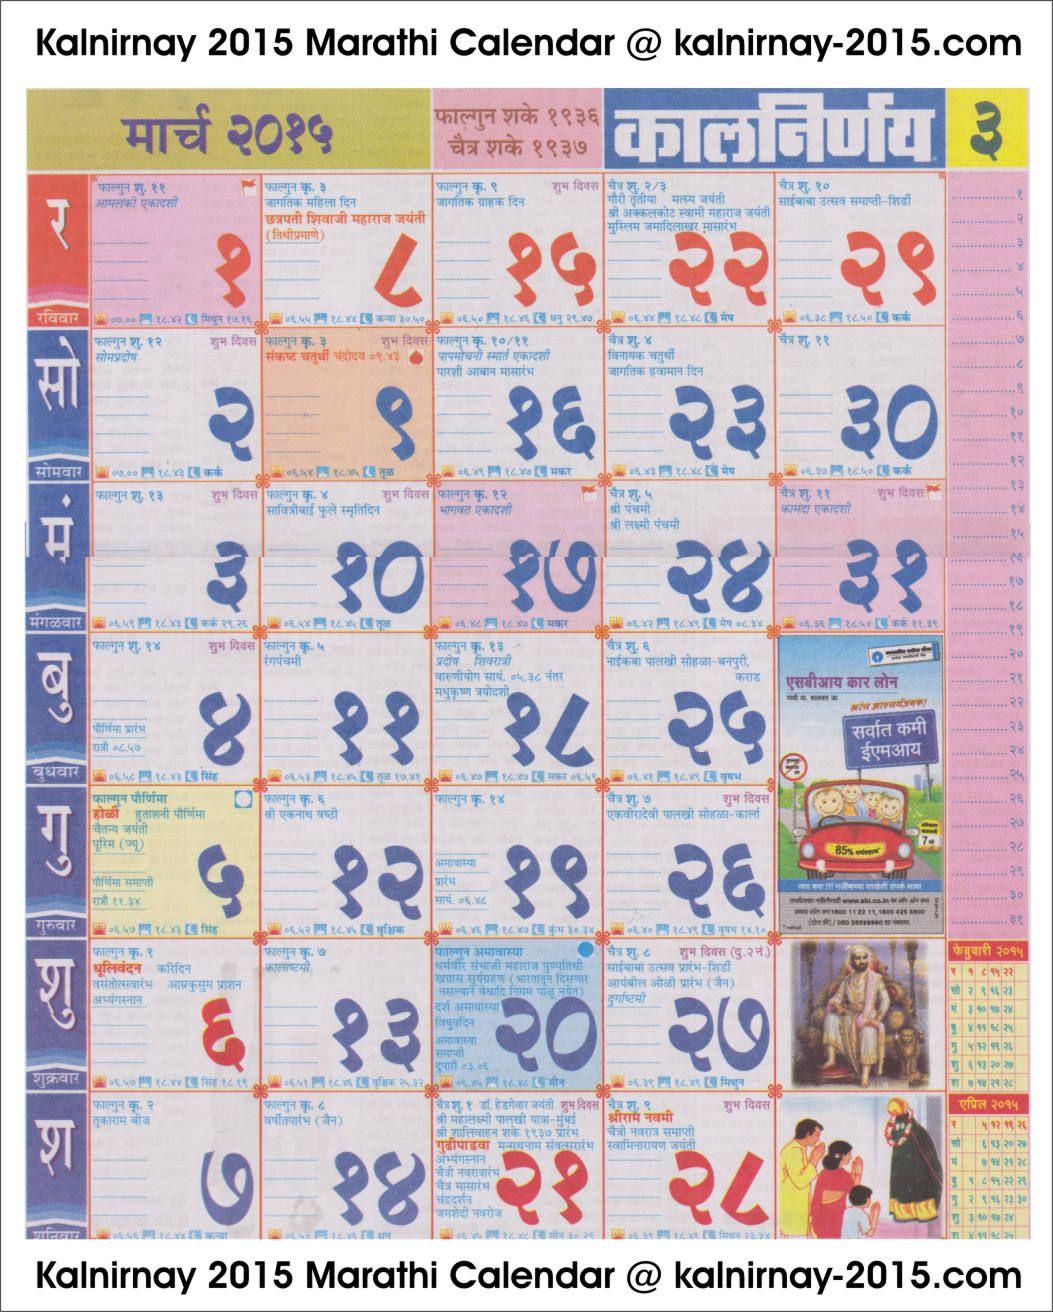 march 2015 marathi kalnirnay calendar